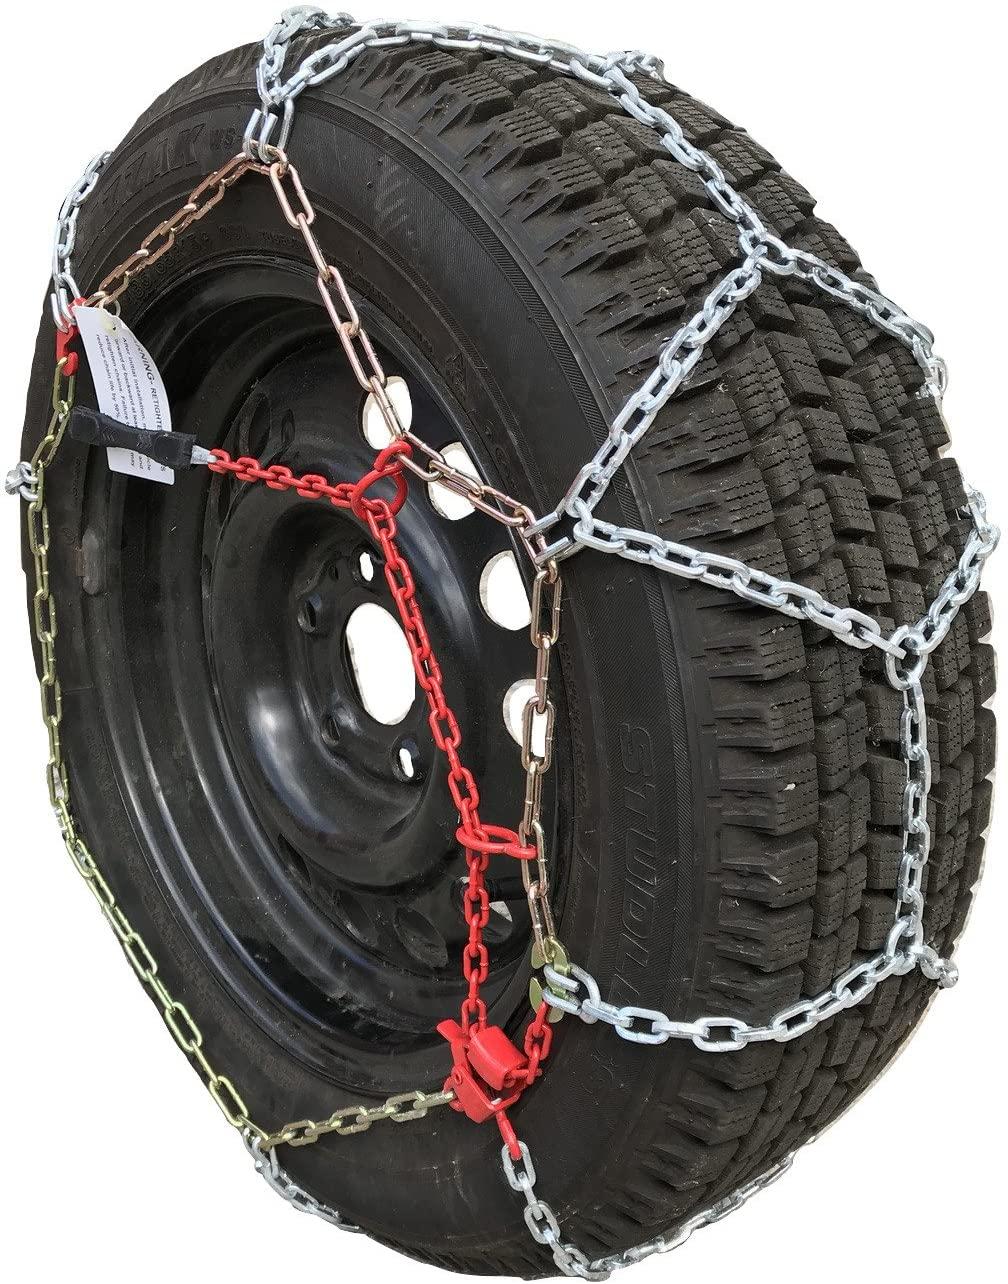 TireChain.com Compatible with Dodge Ram 1500 TRX4 Quad Cab 2010 LT275/70R17/C Tire Chains